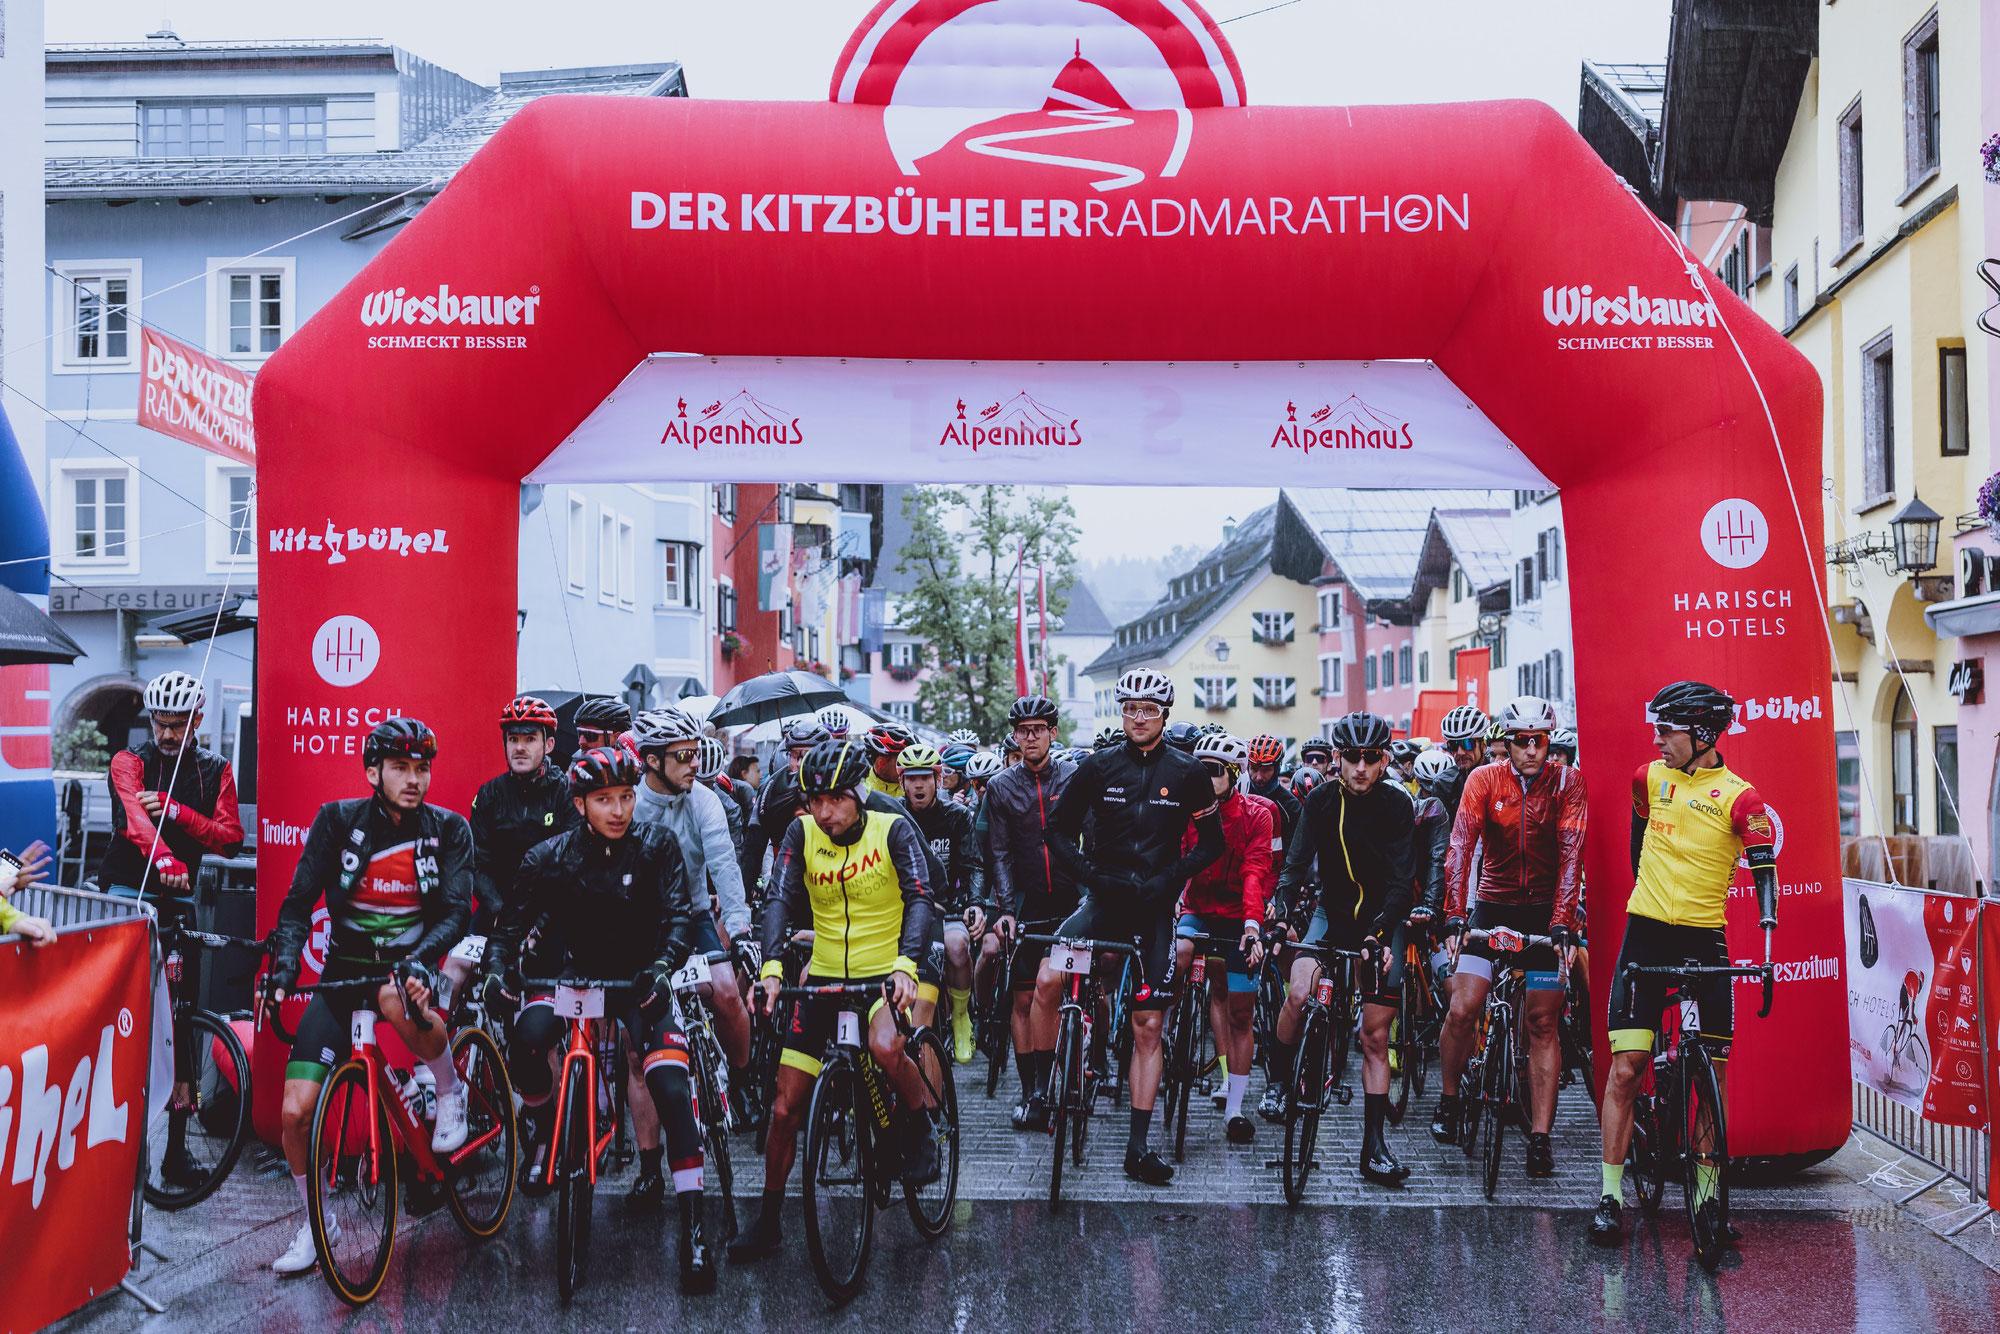 """Häckl """"läuft"""" bei 1. Kitzbüheler Radmarathon zum Sieg"""